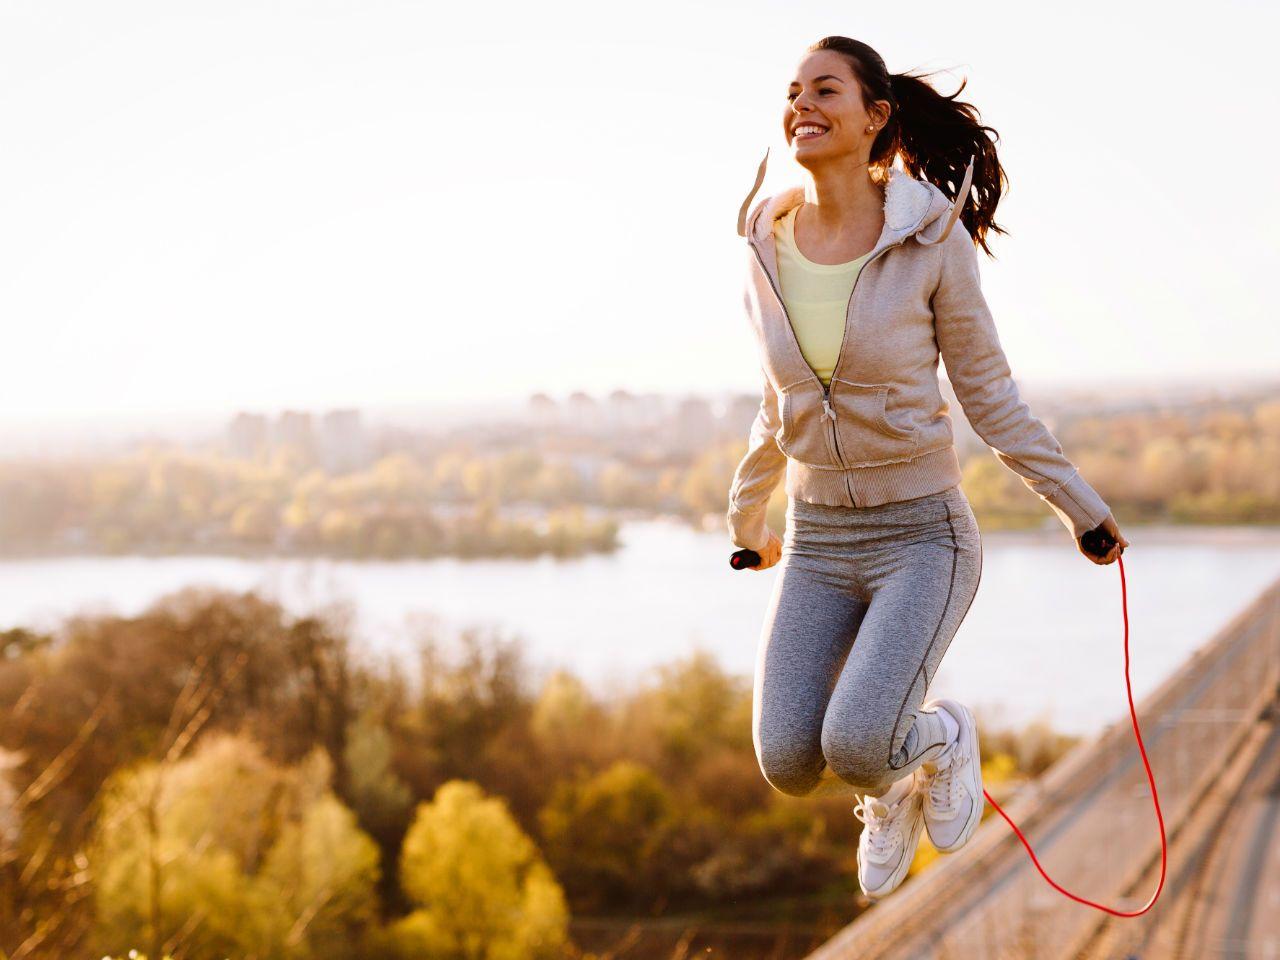 Skakanie na skakance – efekty, które cię zaskoczą! - Dbam o siebie